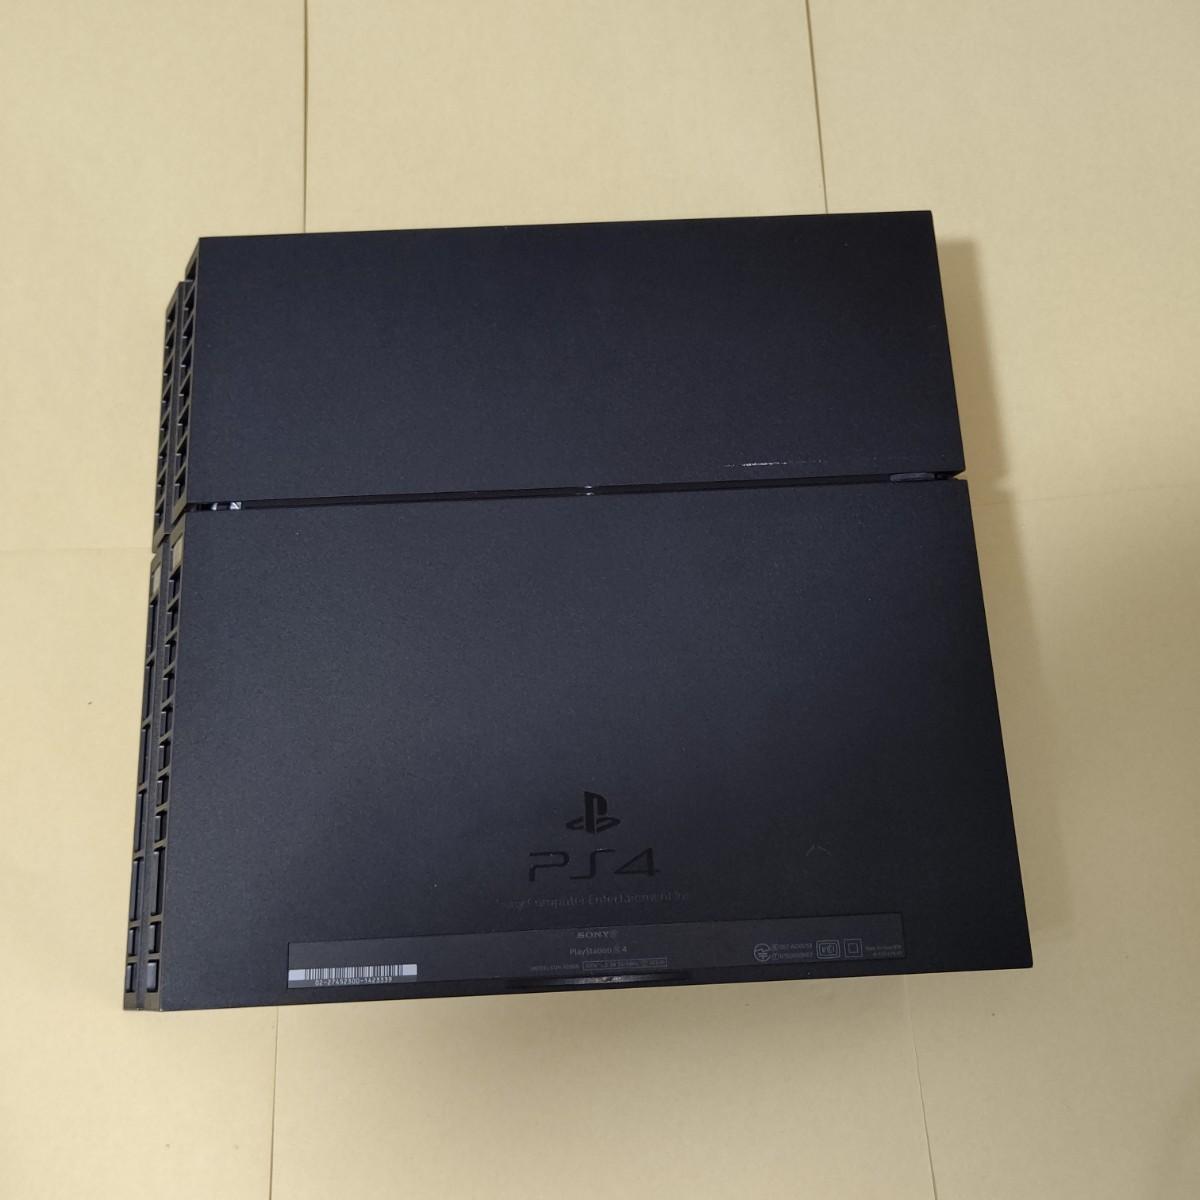 PlayStation 4 本体 PS4 500GB CUH-1200AB01